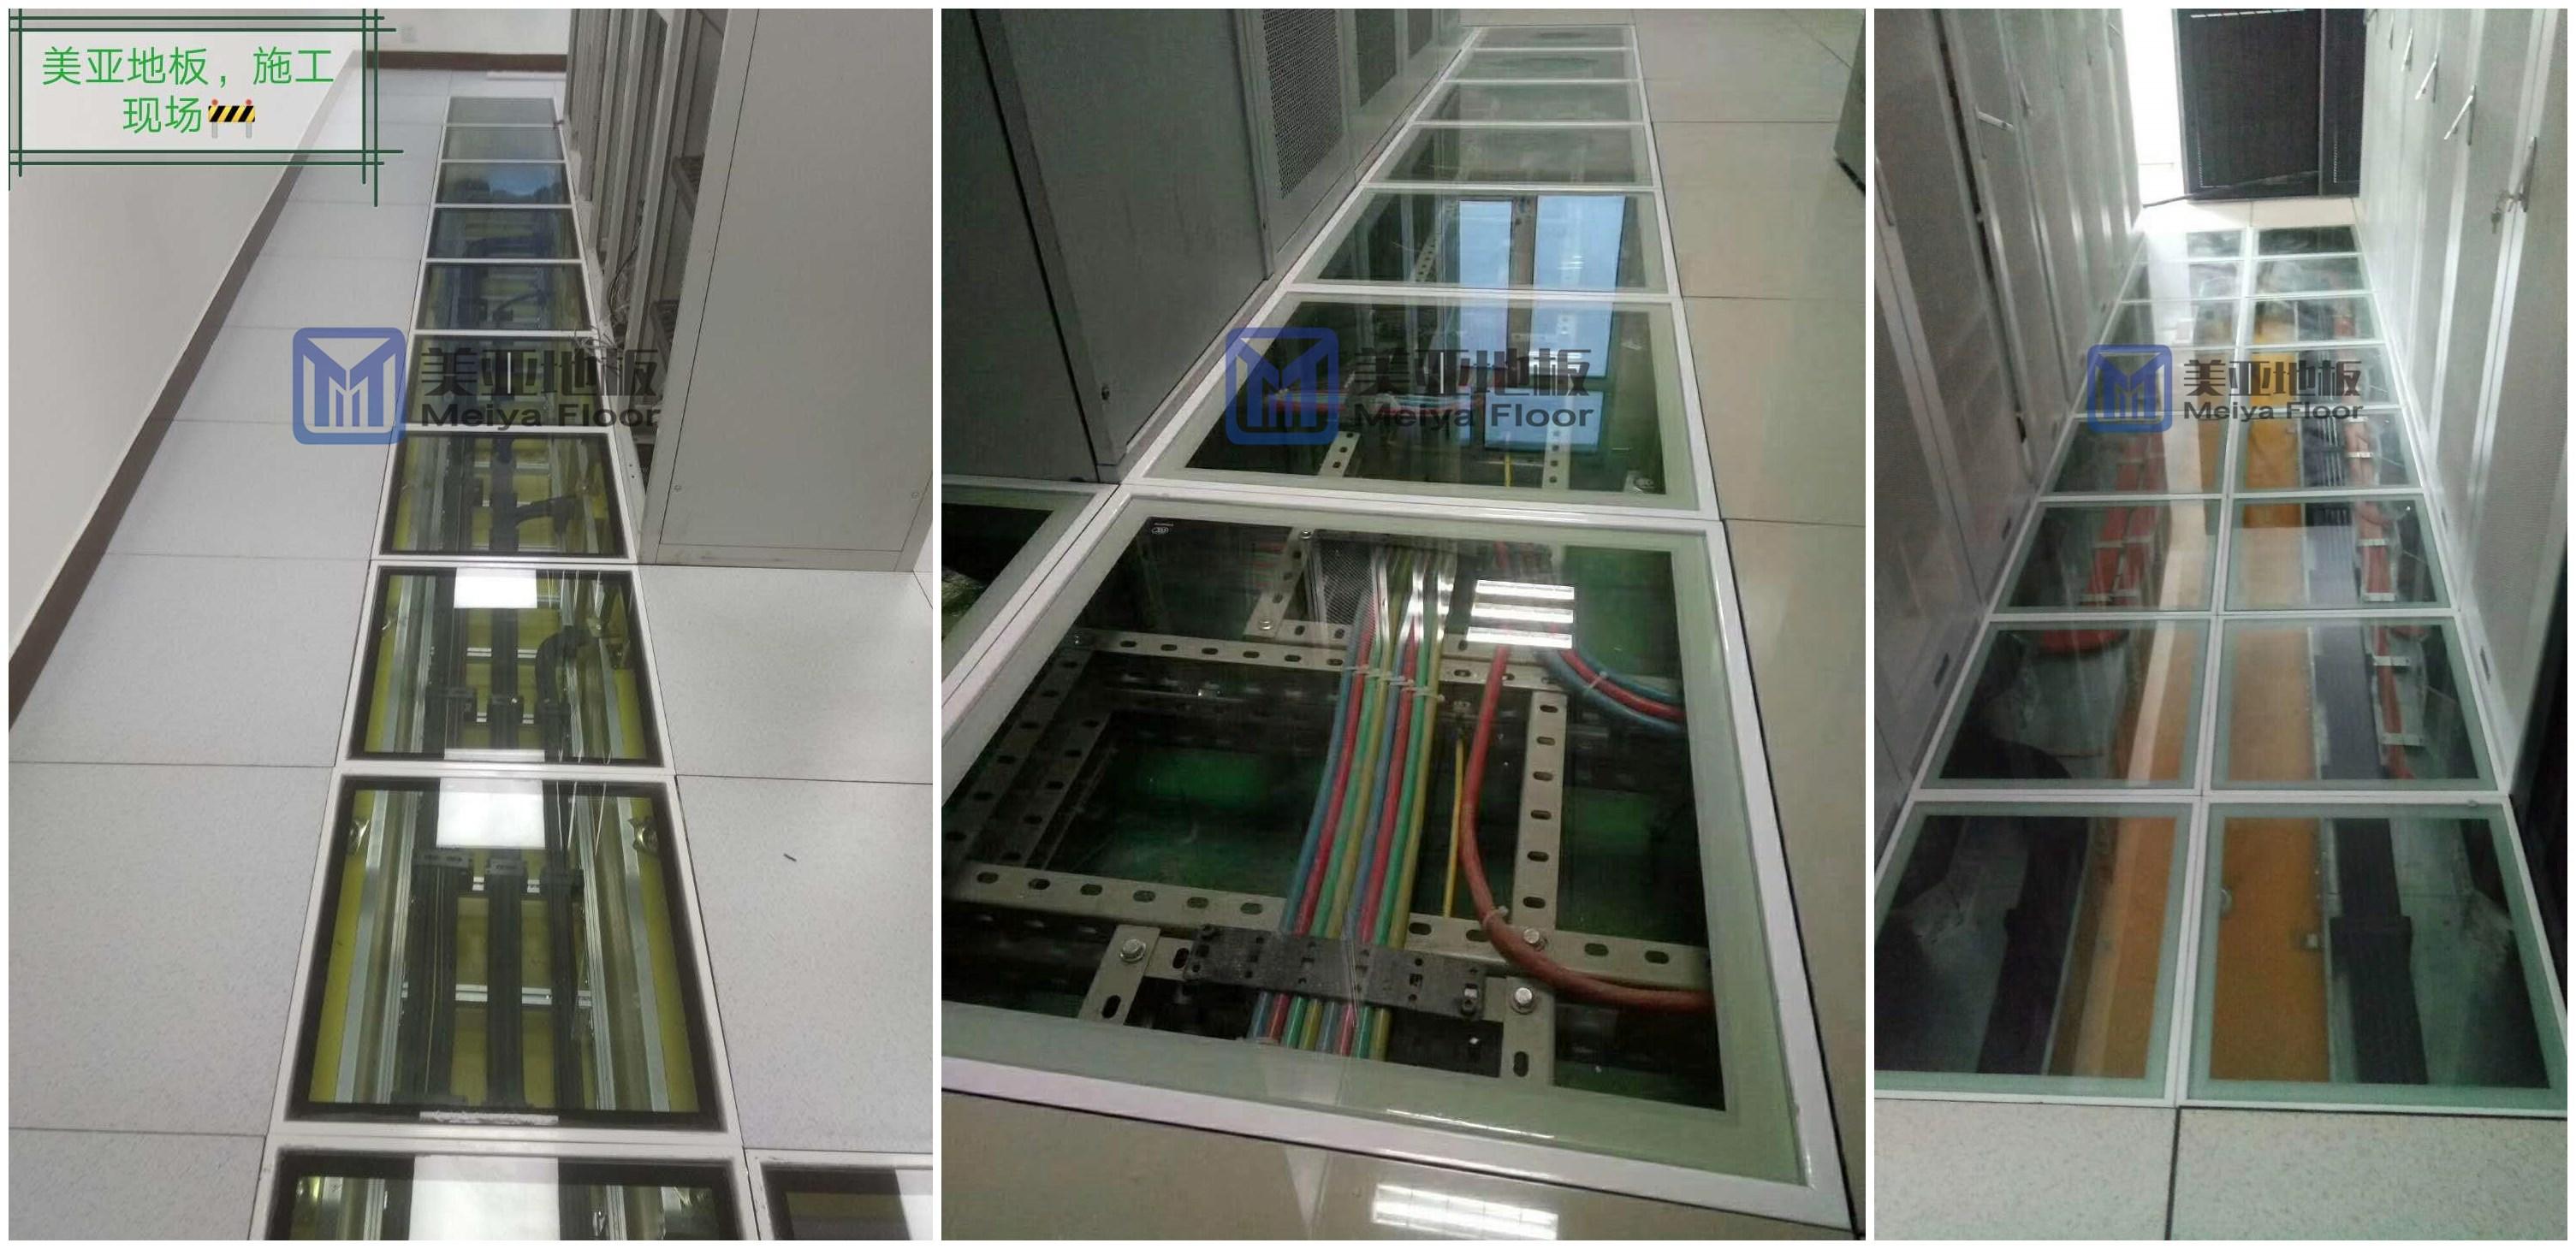 玻璃防静电地ban、陶瓷防静电地ban、美亚防静电地ban生产,shi工。